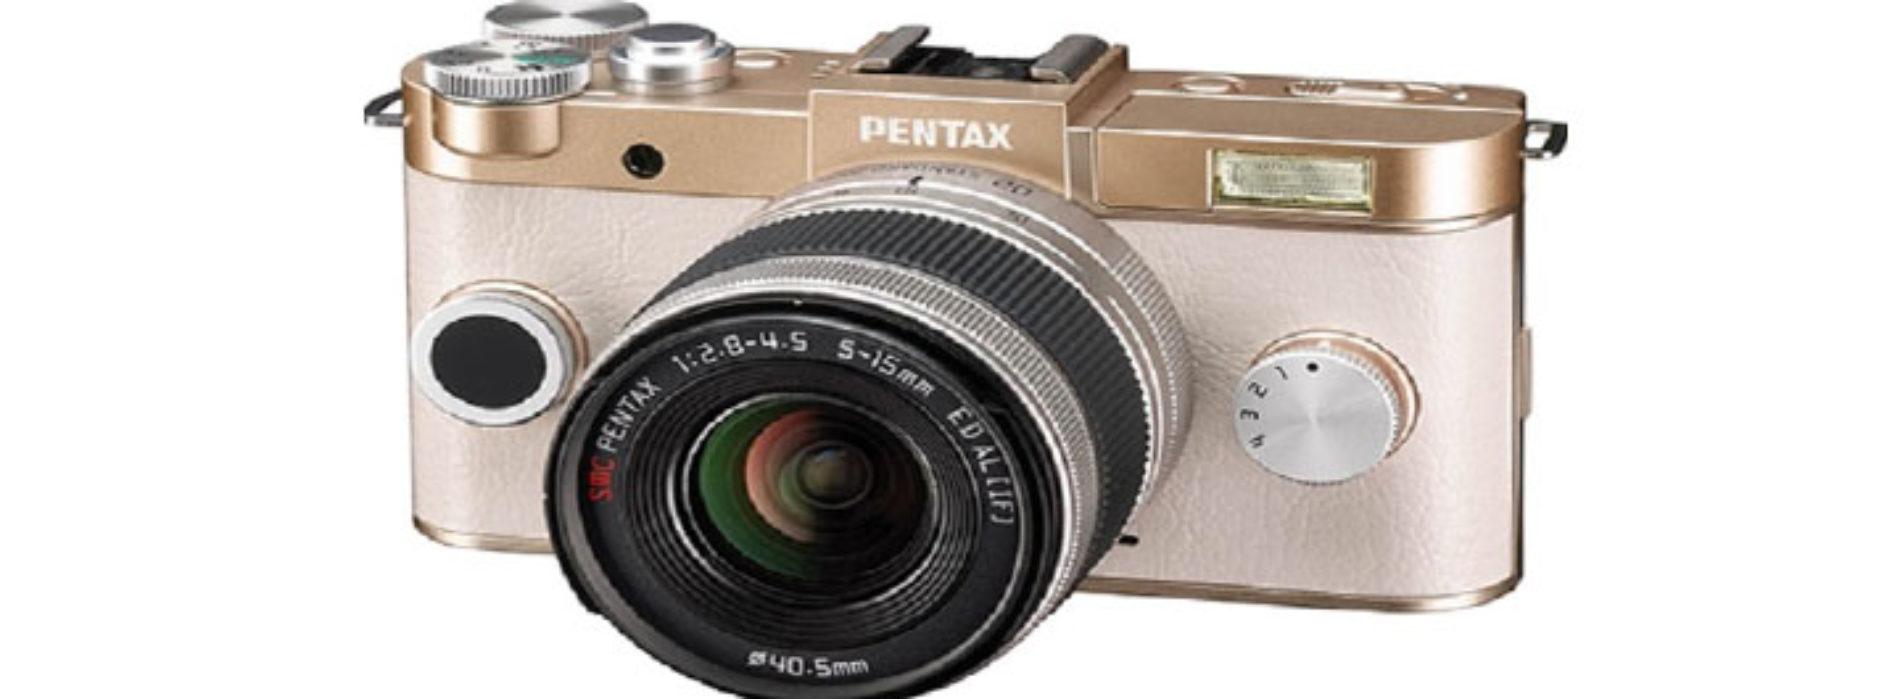 Форум по ремонту цифрового фотоаппарата pentax ремонт телевизора samsung сервисный центр - ремонт в Москве